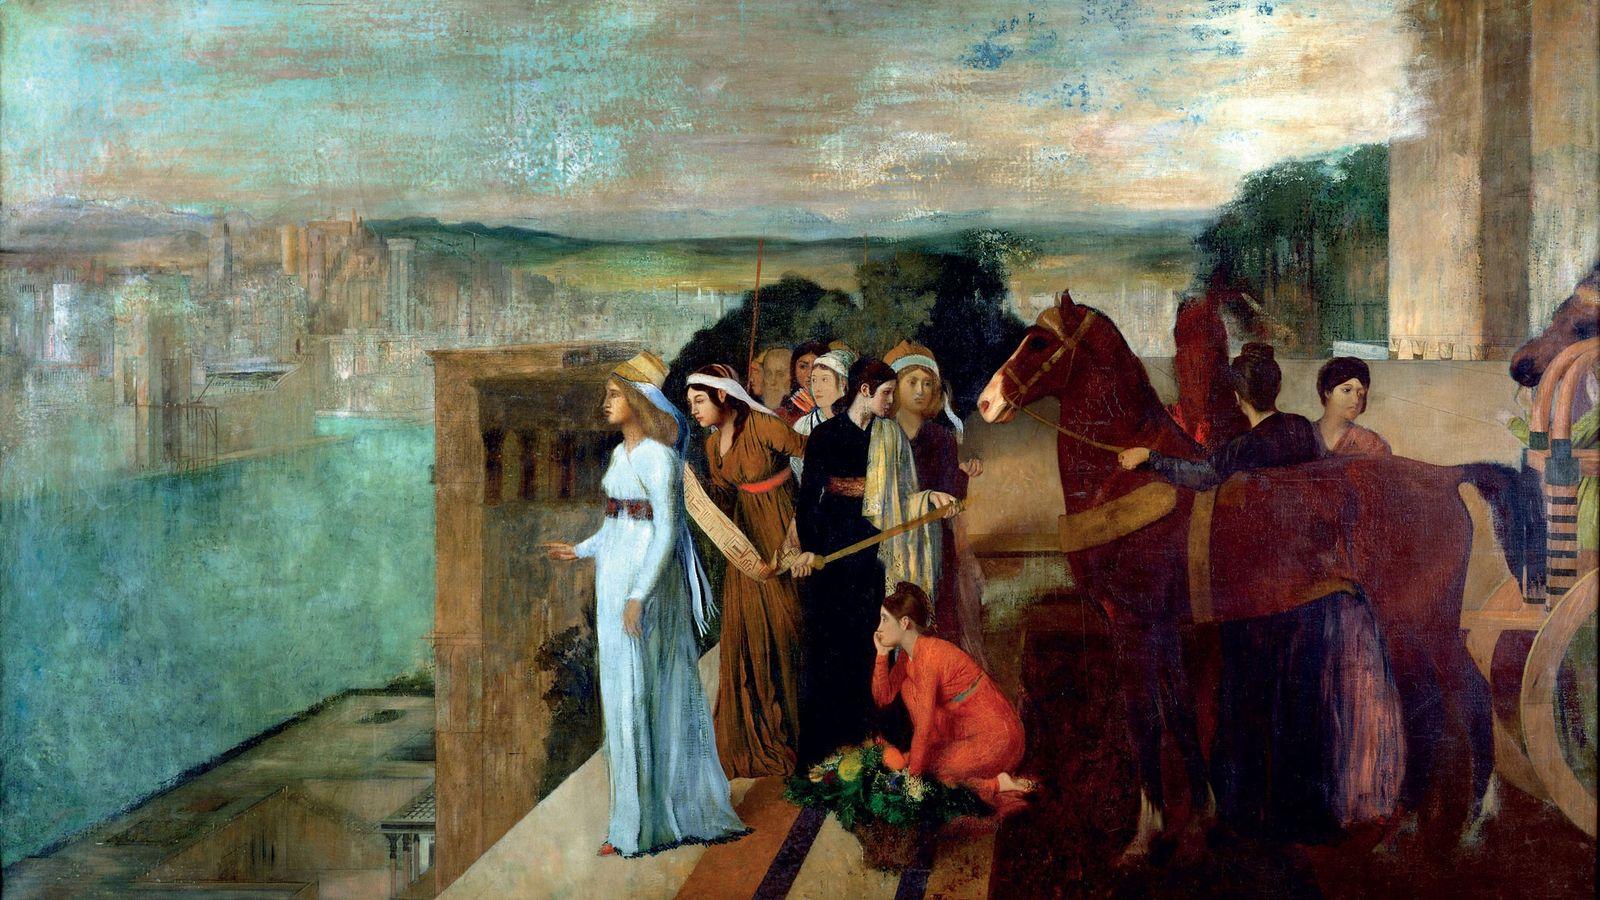 La reine Sémiramis supervise la construction de Babylone, ville dont elle est la fondatrice légendaire. Ce ...